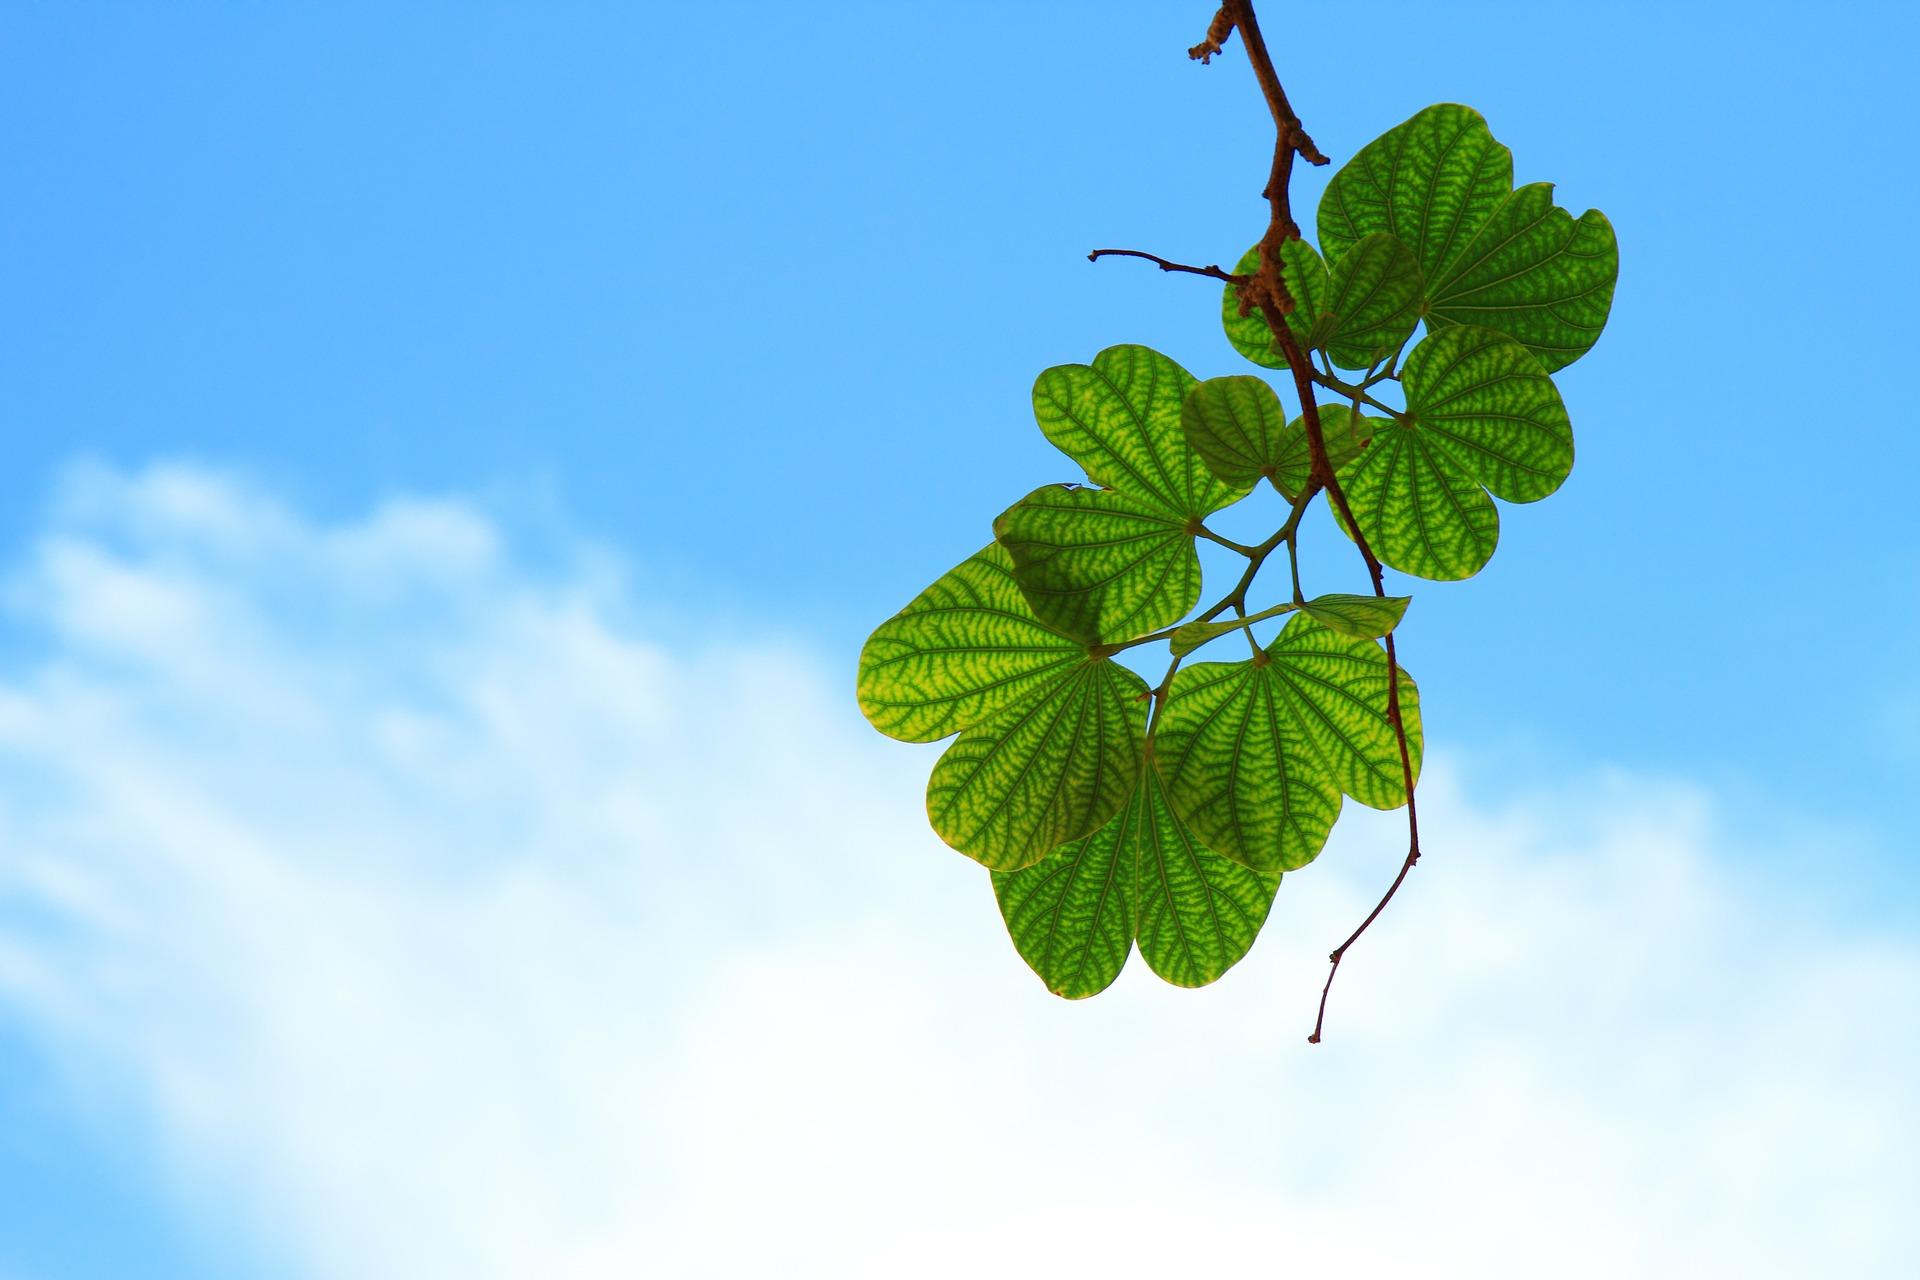 Hojas verdes de un árbol vistas desde abajo. Al fondo, el cielo azul con una nube